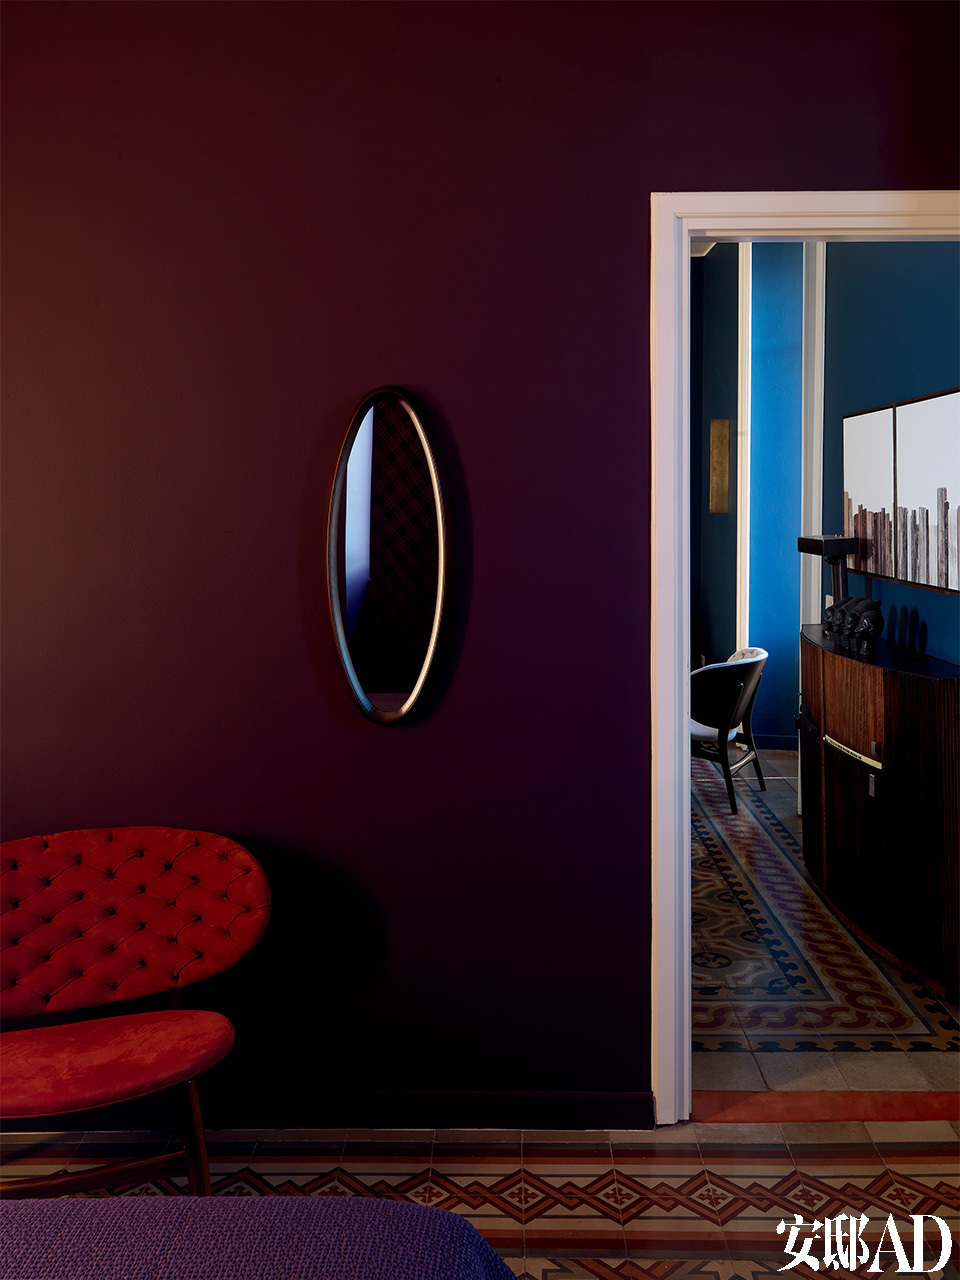 卧室与客厅相连的紫色墙面上,一面椭圆形古董镜,好像为整个空间添了一只神秘的眼睛。卧室里的墙面被漆成紫色,木框古董镜与来自Baxter的红色当代扶手椅和谐相处,呼应着地砖的红色,这里的视线能够望见客厅。